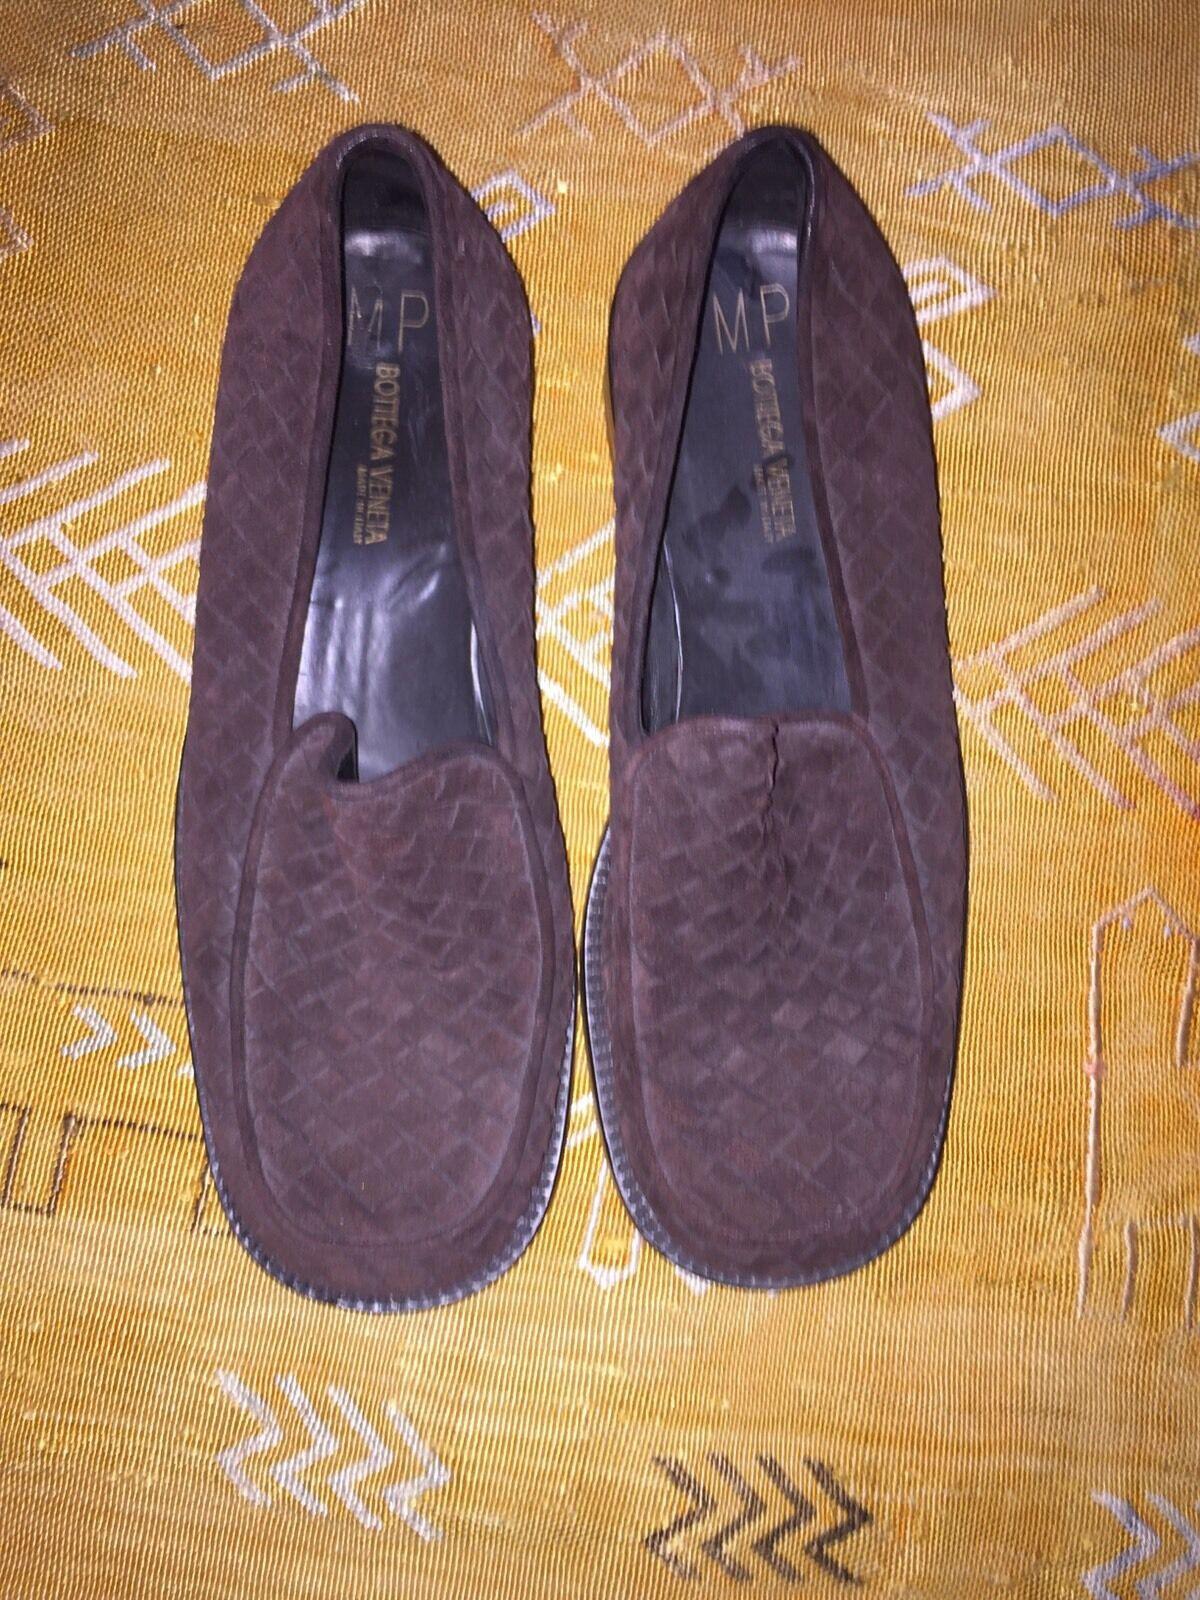 Bottega Veneta Woven Scarpe Brown Leather Loafers Scarpe Woven classiche da uomo 33e86b